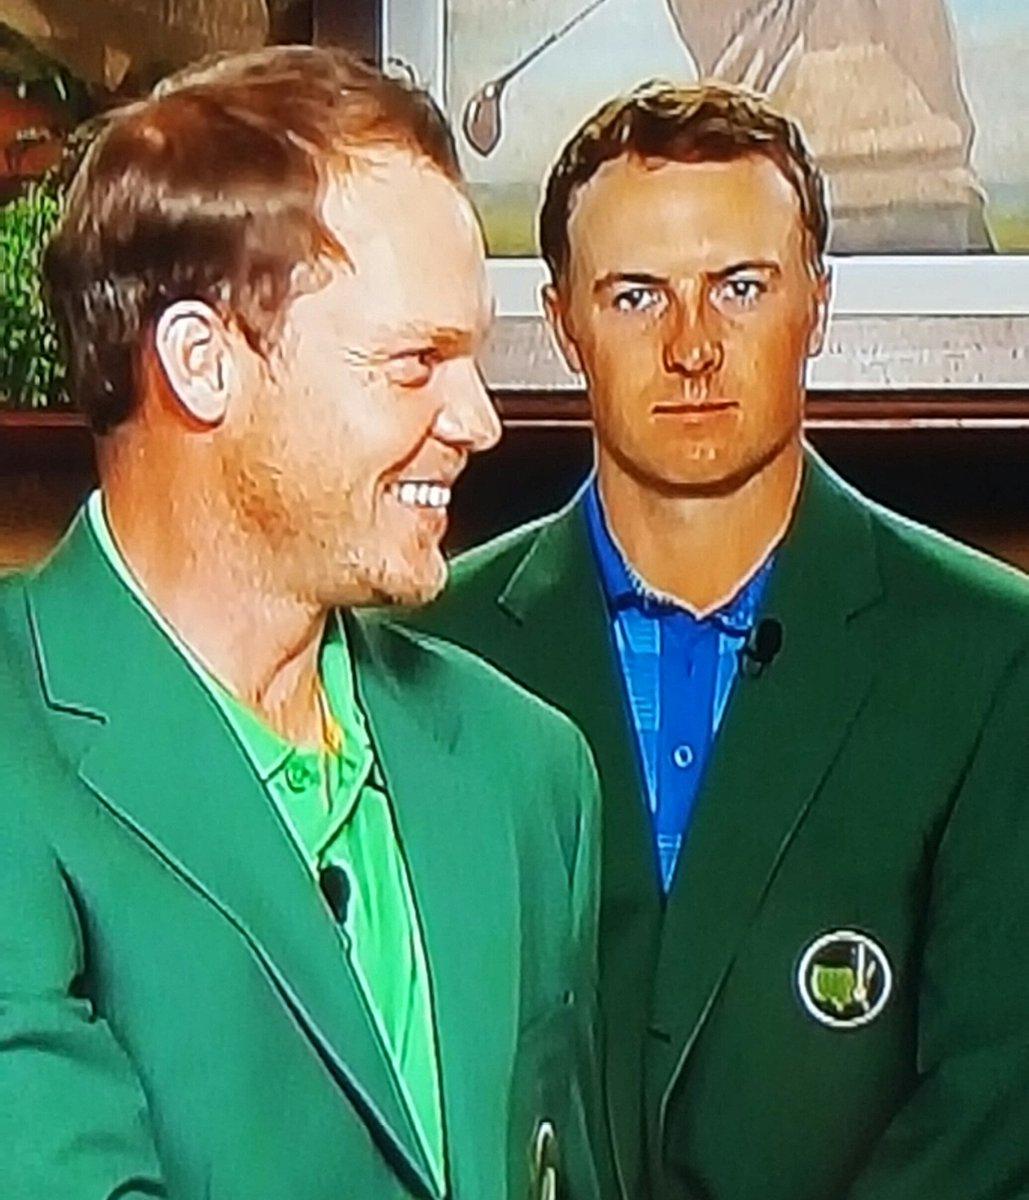 Dat look. #Masters2016 https://t.co/G2uZfiQyVp